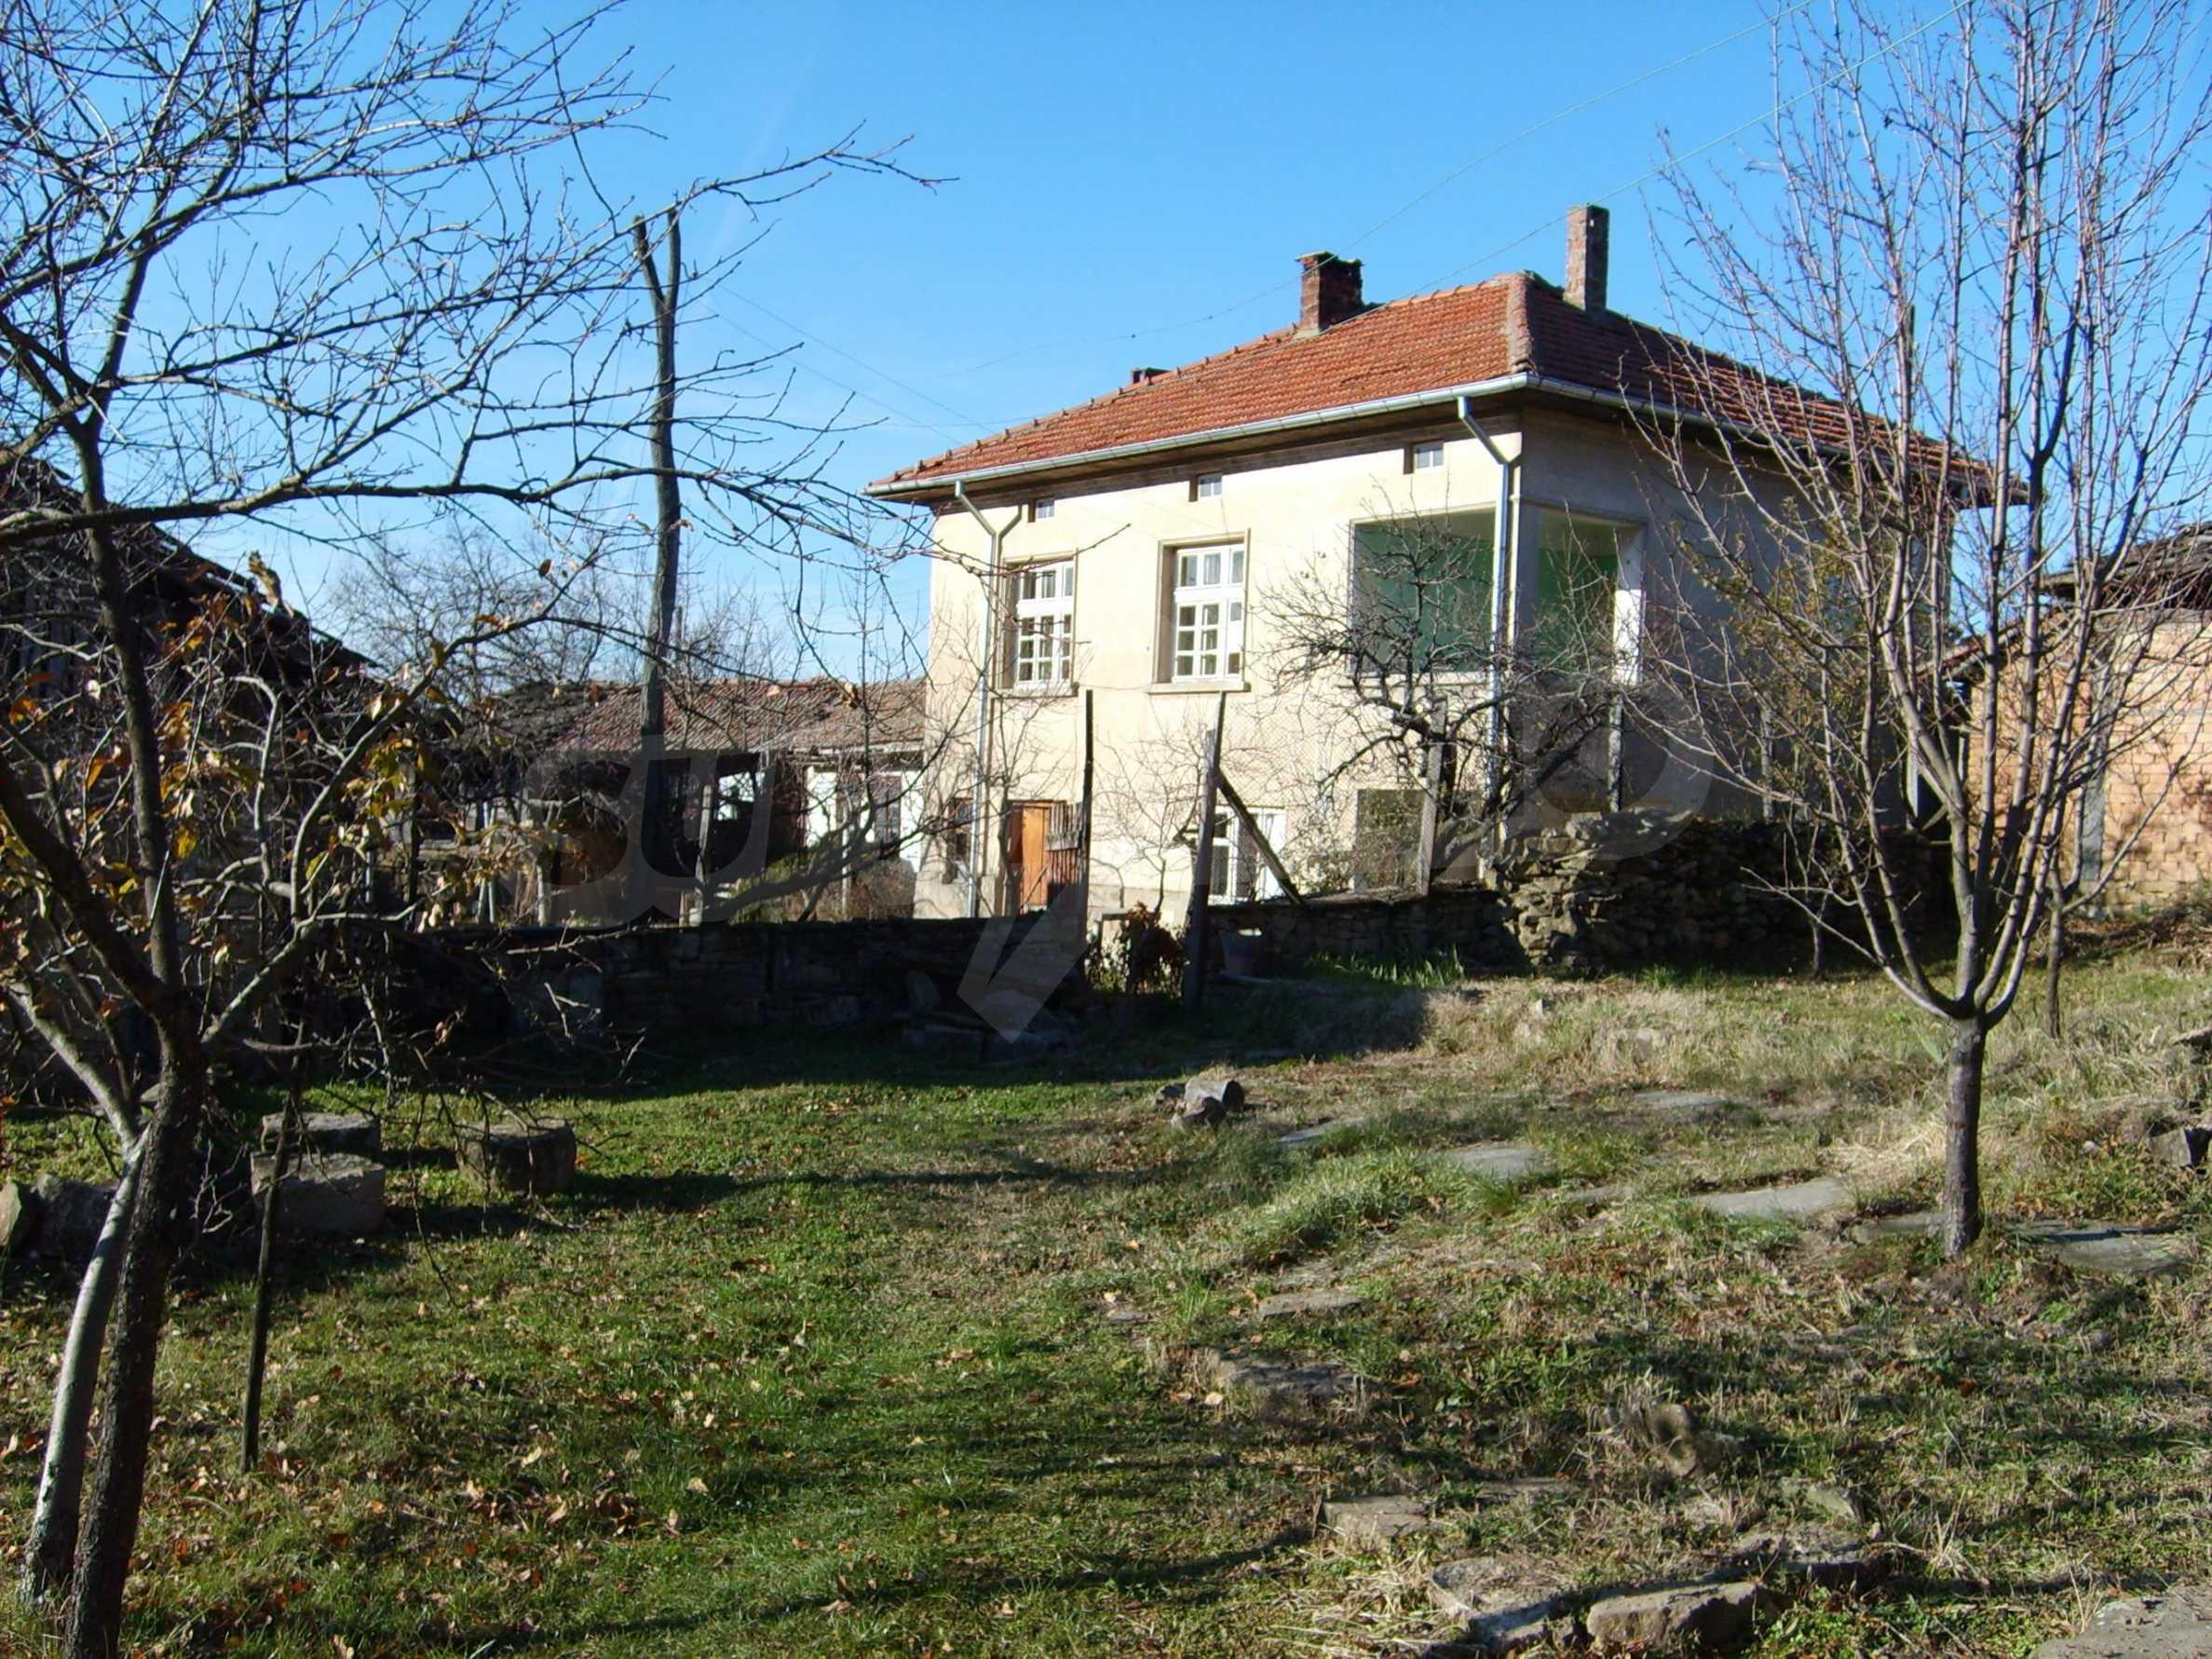 Großes zweistöckiges Haus auf dem Balkan